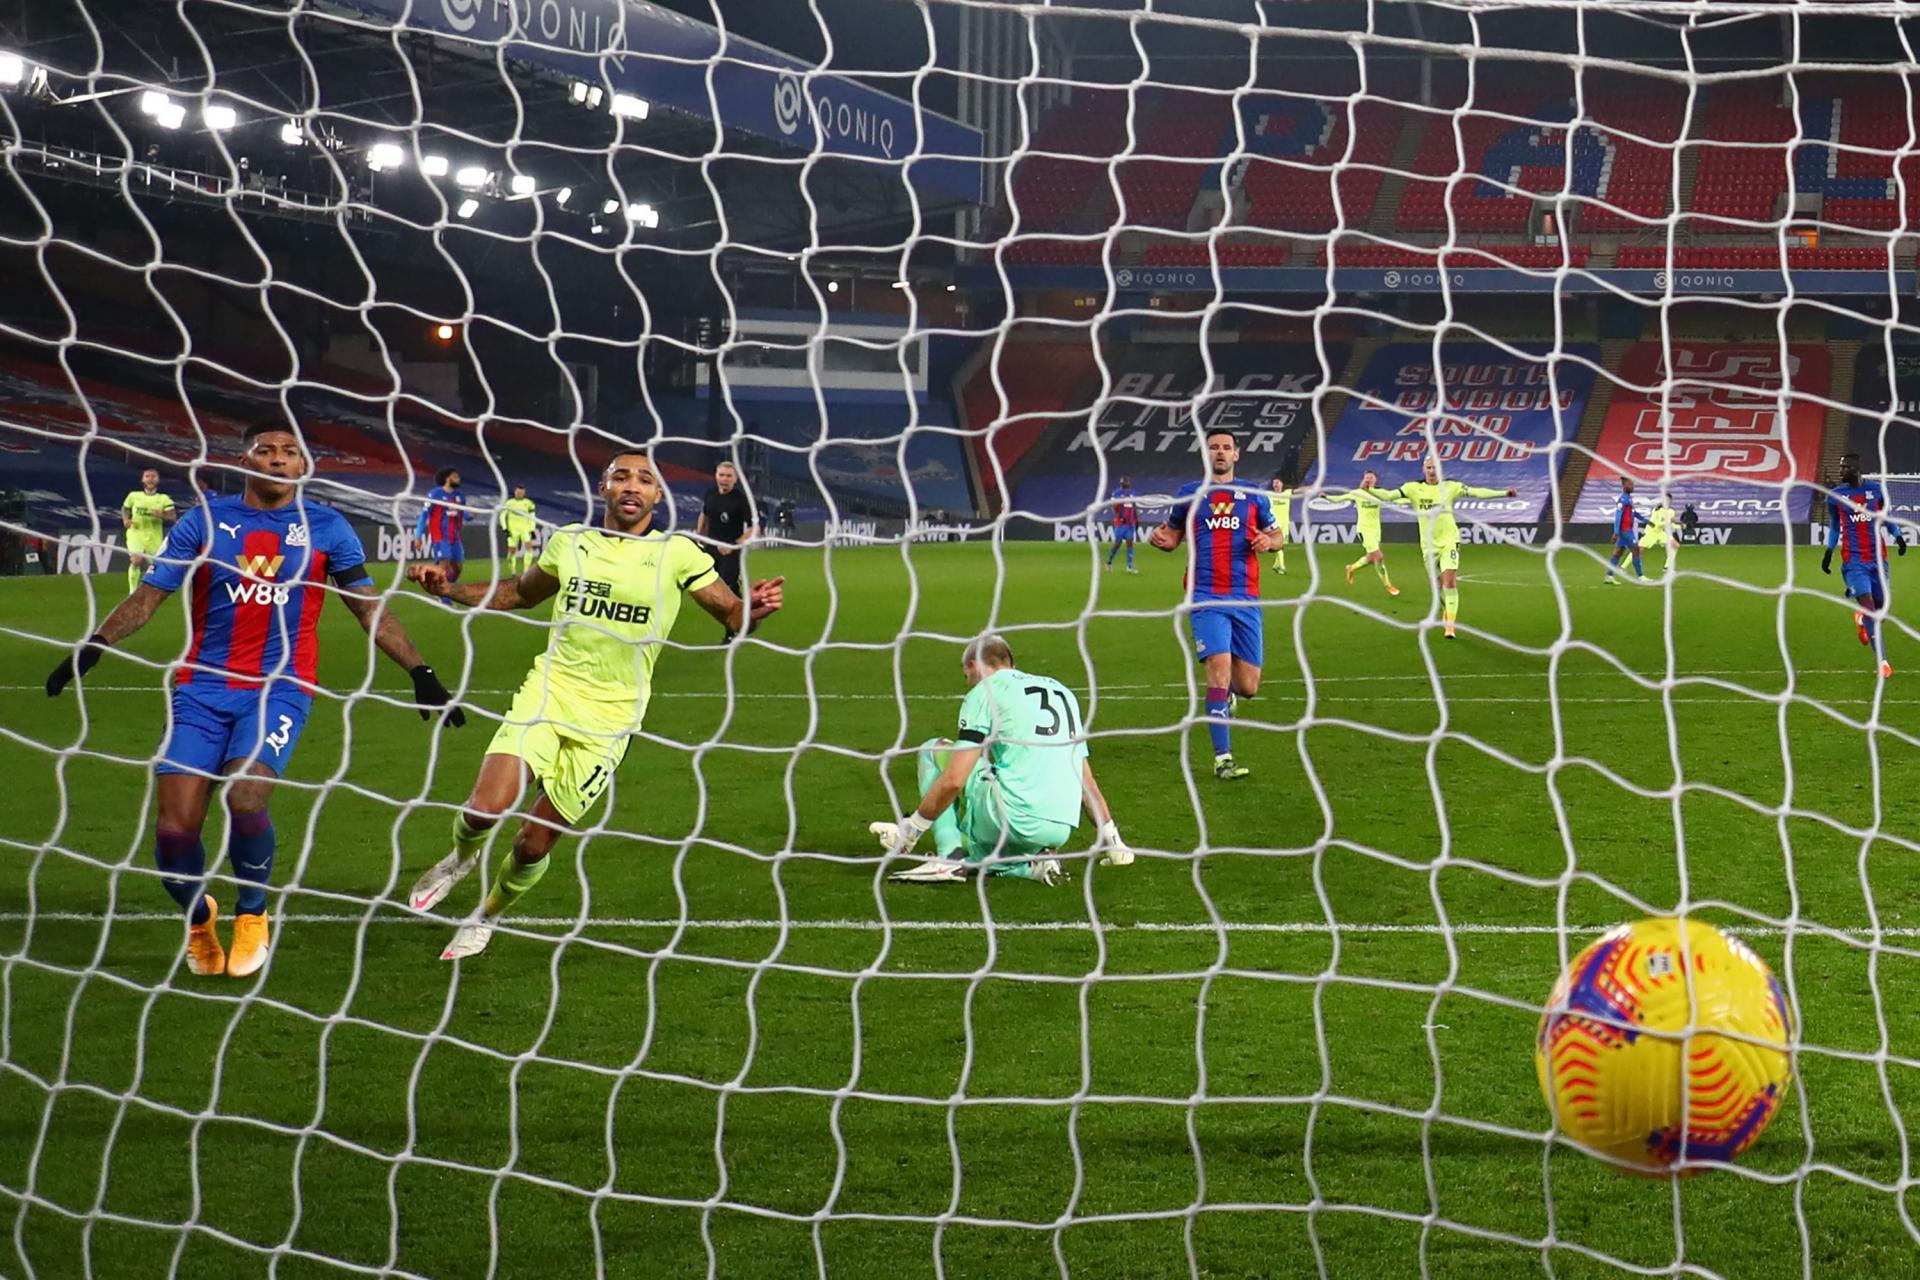 Luda završnica Newcastlea: u posljednje dvije minute zabili dva gola i slavili na gostovanju kod Crystal Palacea